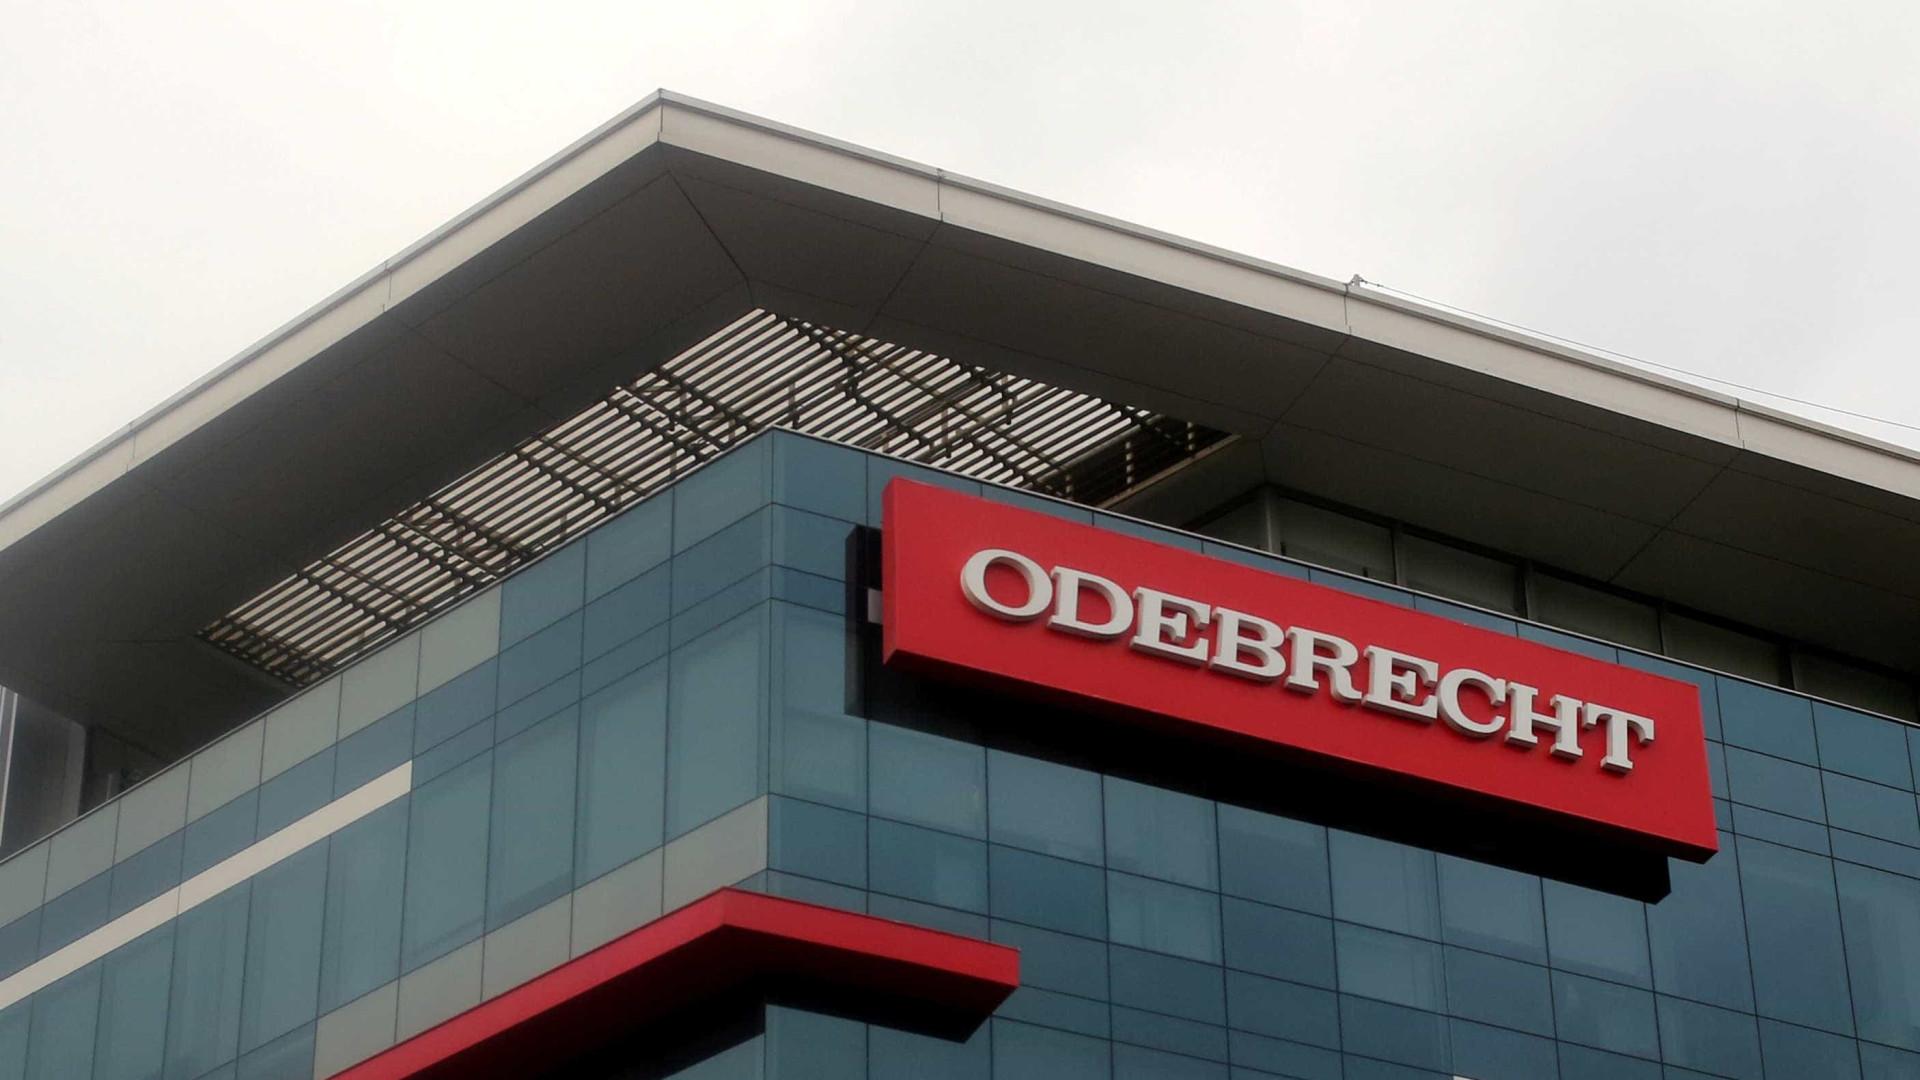 Odebrecht desviou funcionários para reformar sítio, diz engenheiro